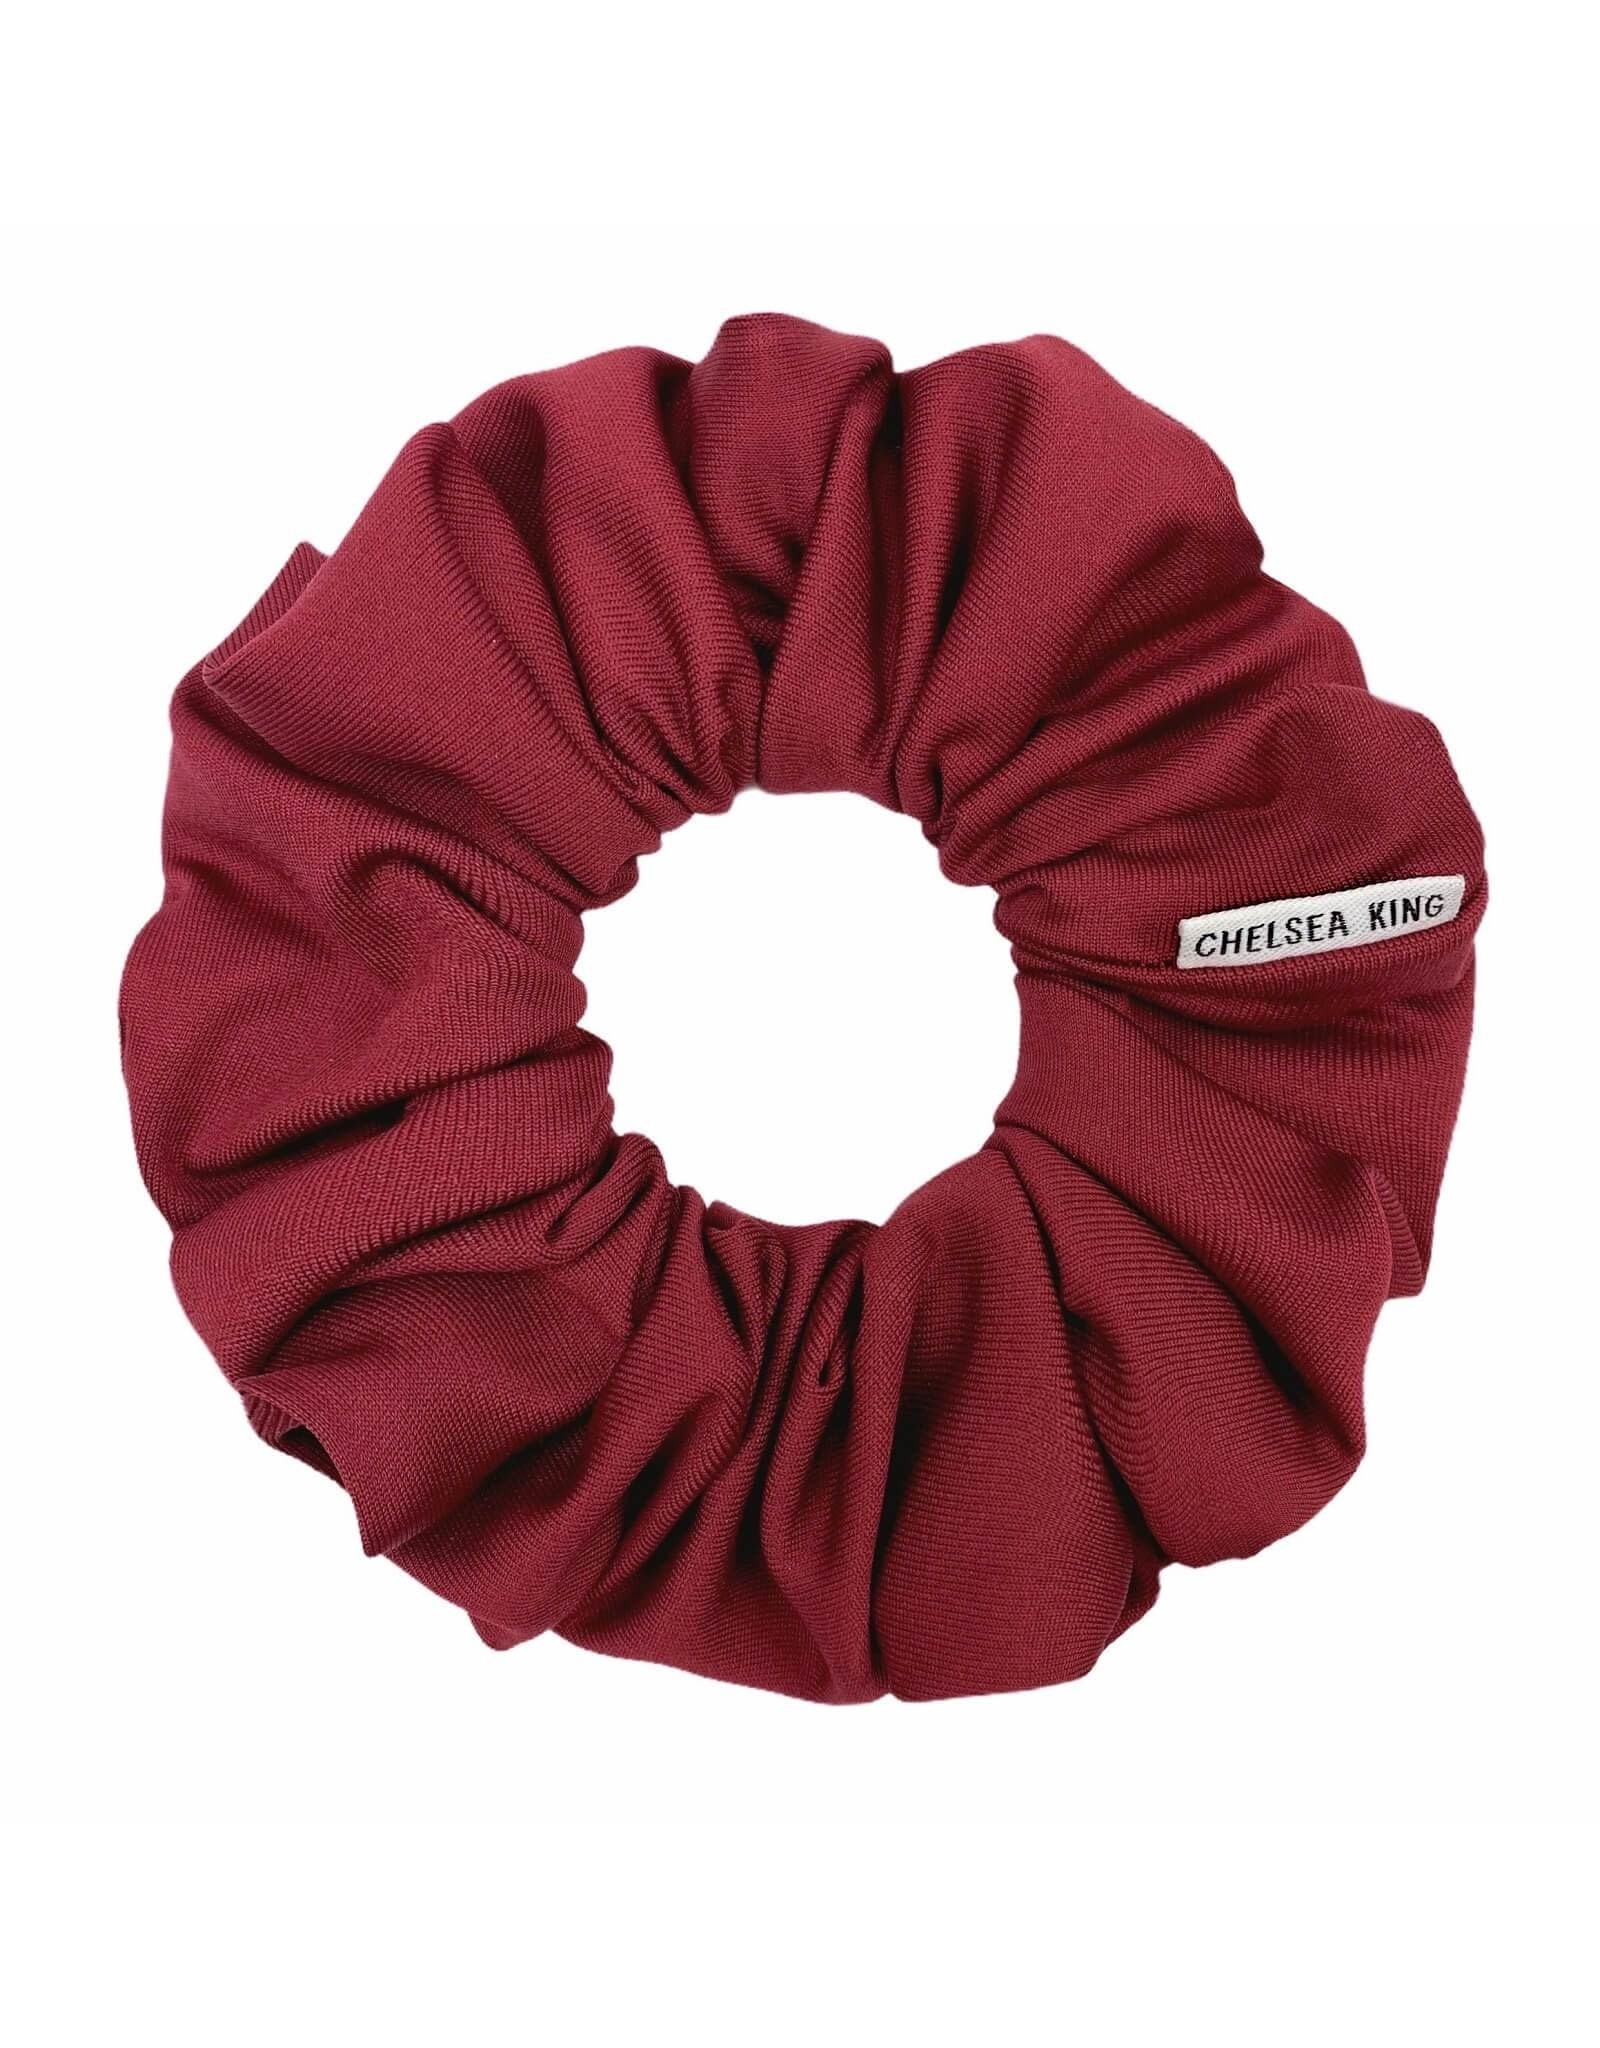 Chelsea King Active Antibacterial Ruby Wine Scrunchie